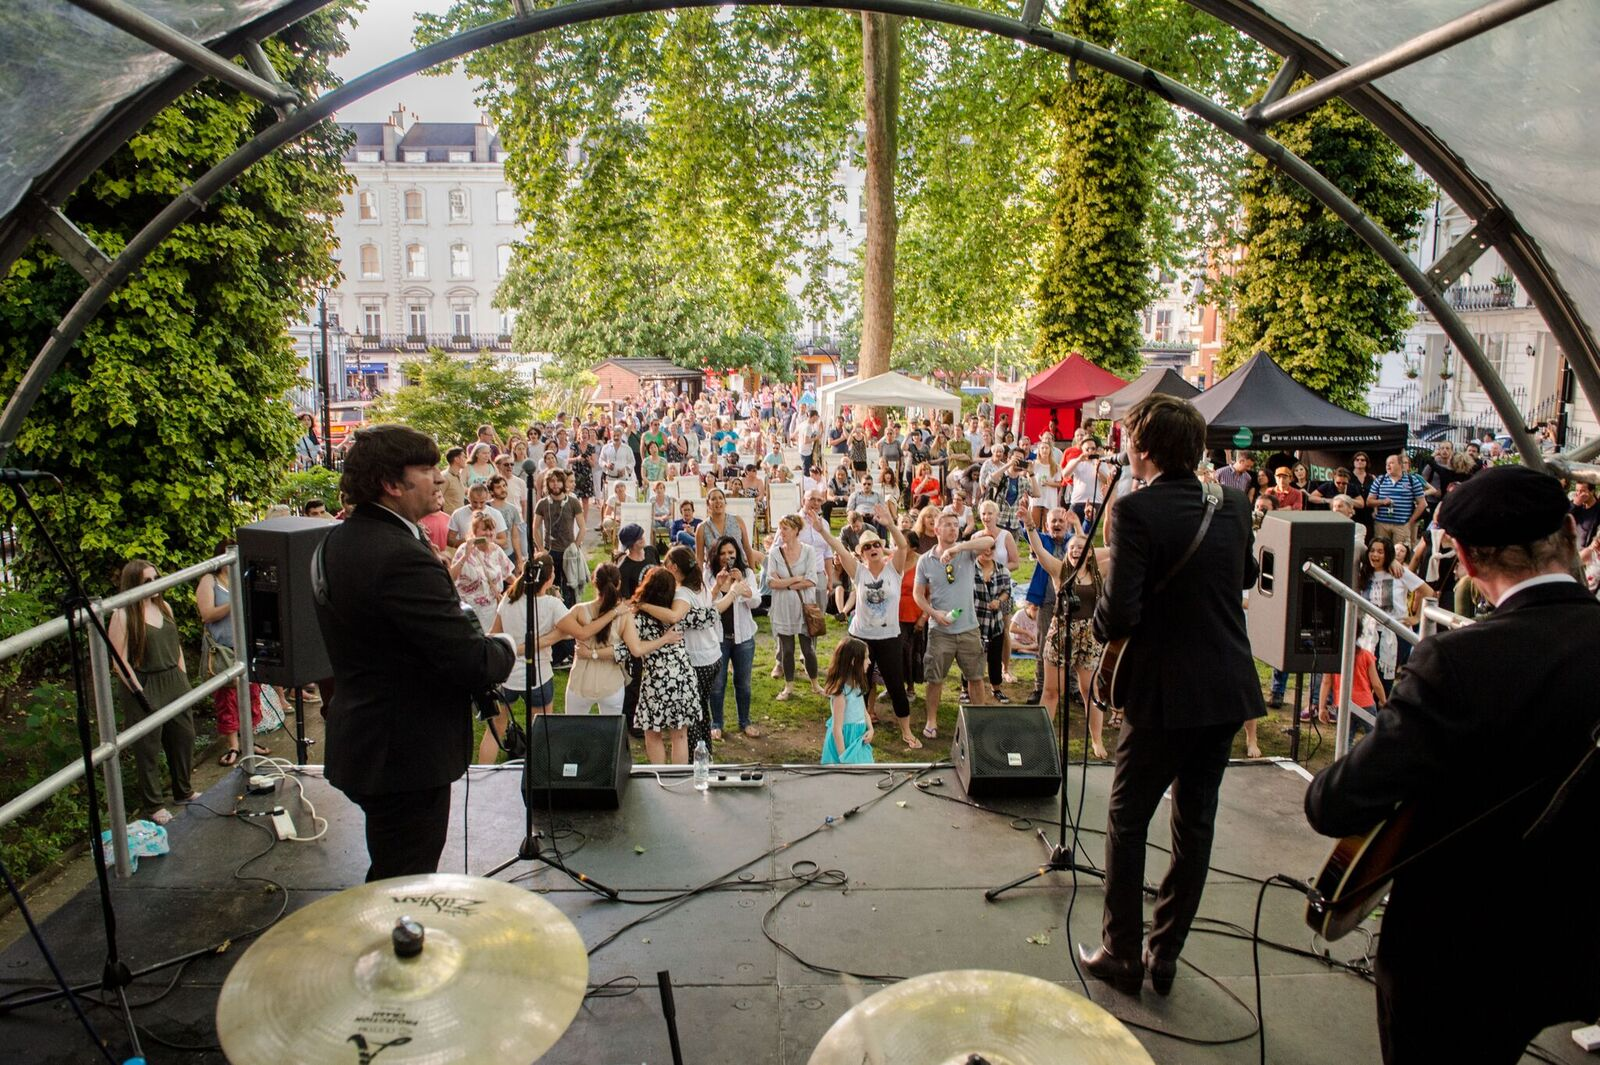 Paddington Covers - Paddington's Tribute Band Festival